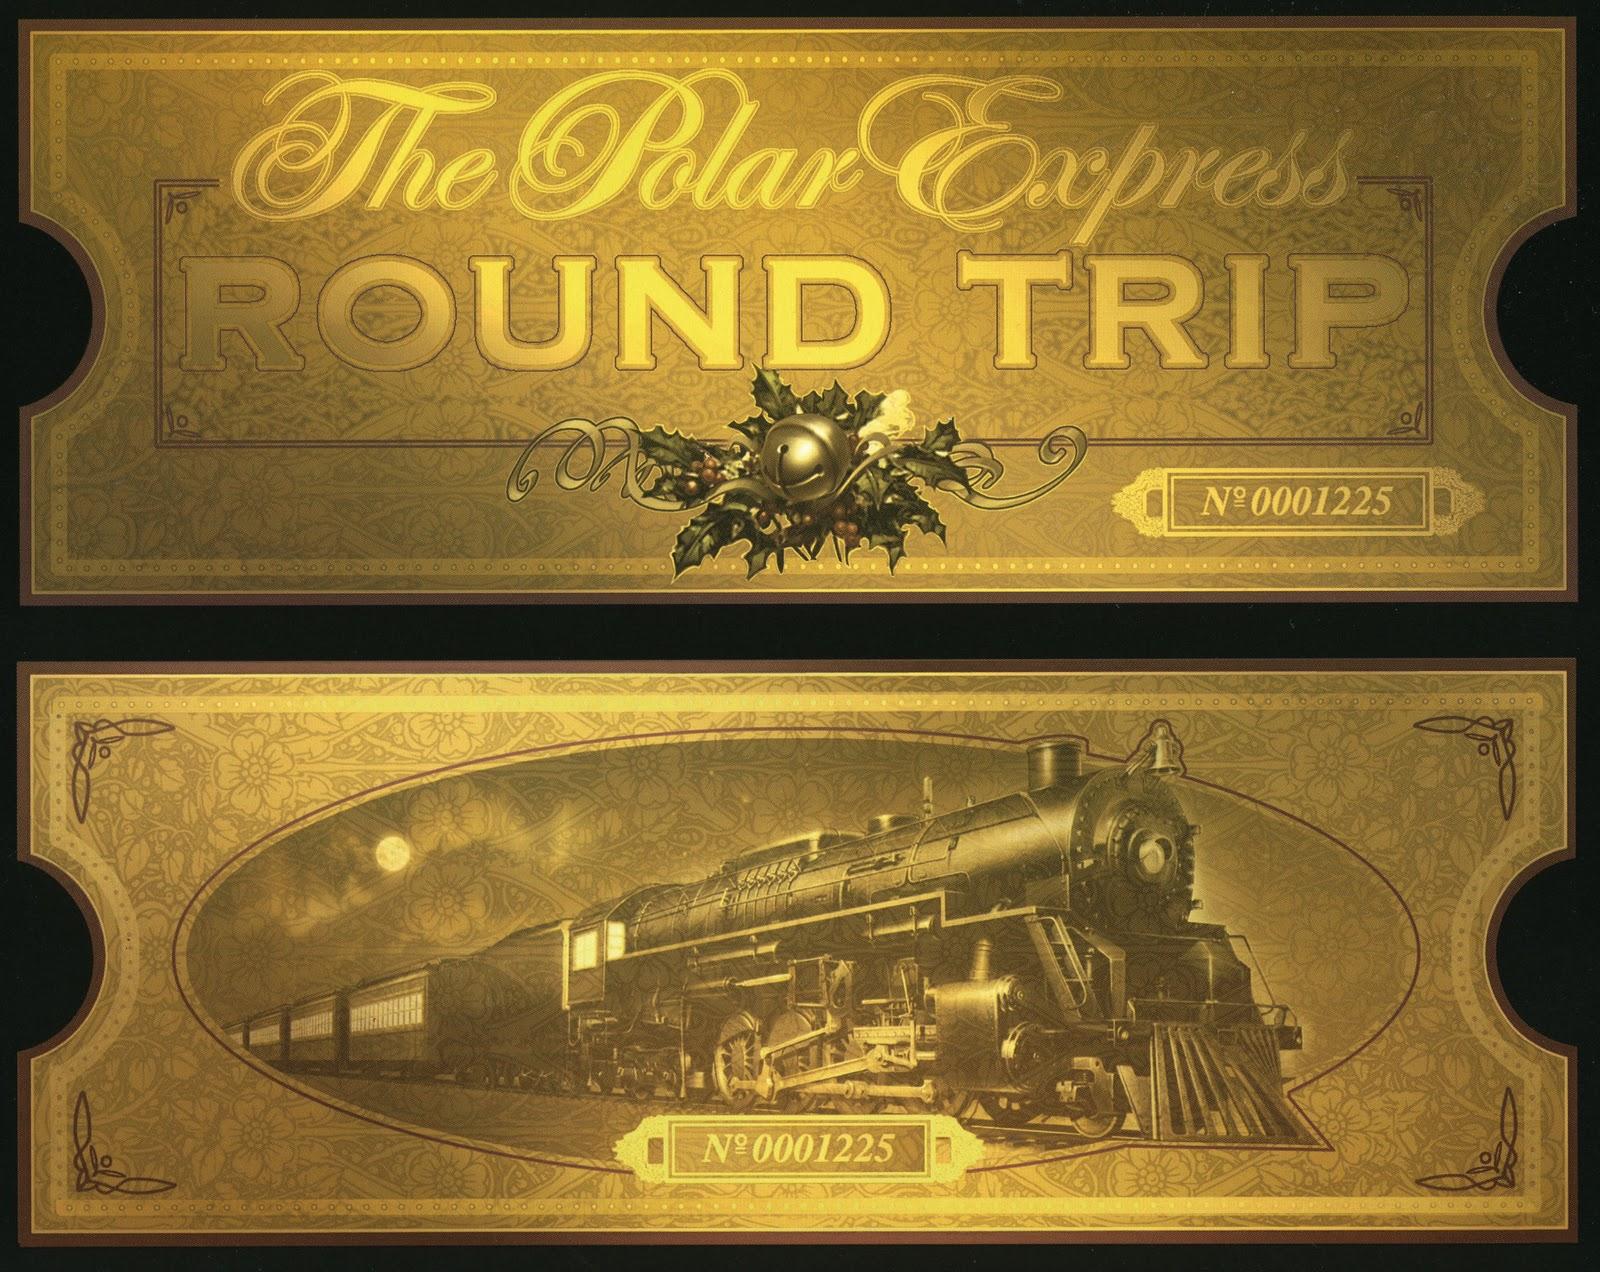 Free Polar Train Cliparts, Download Free Clip Art, Free Clip.